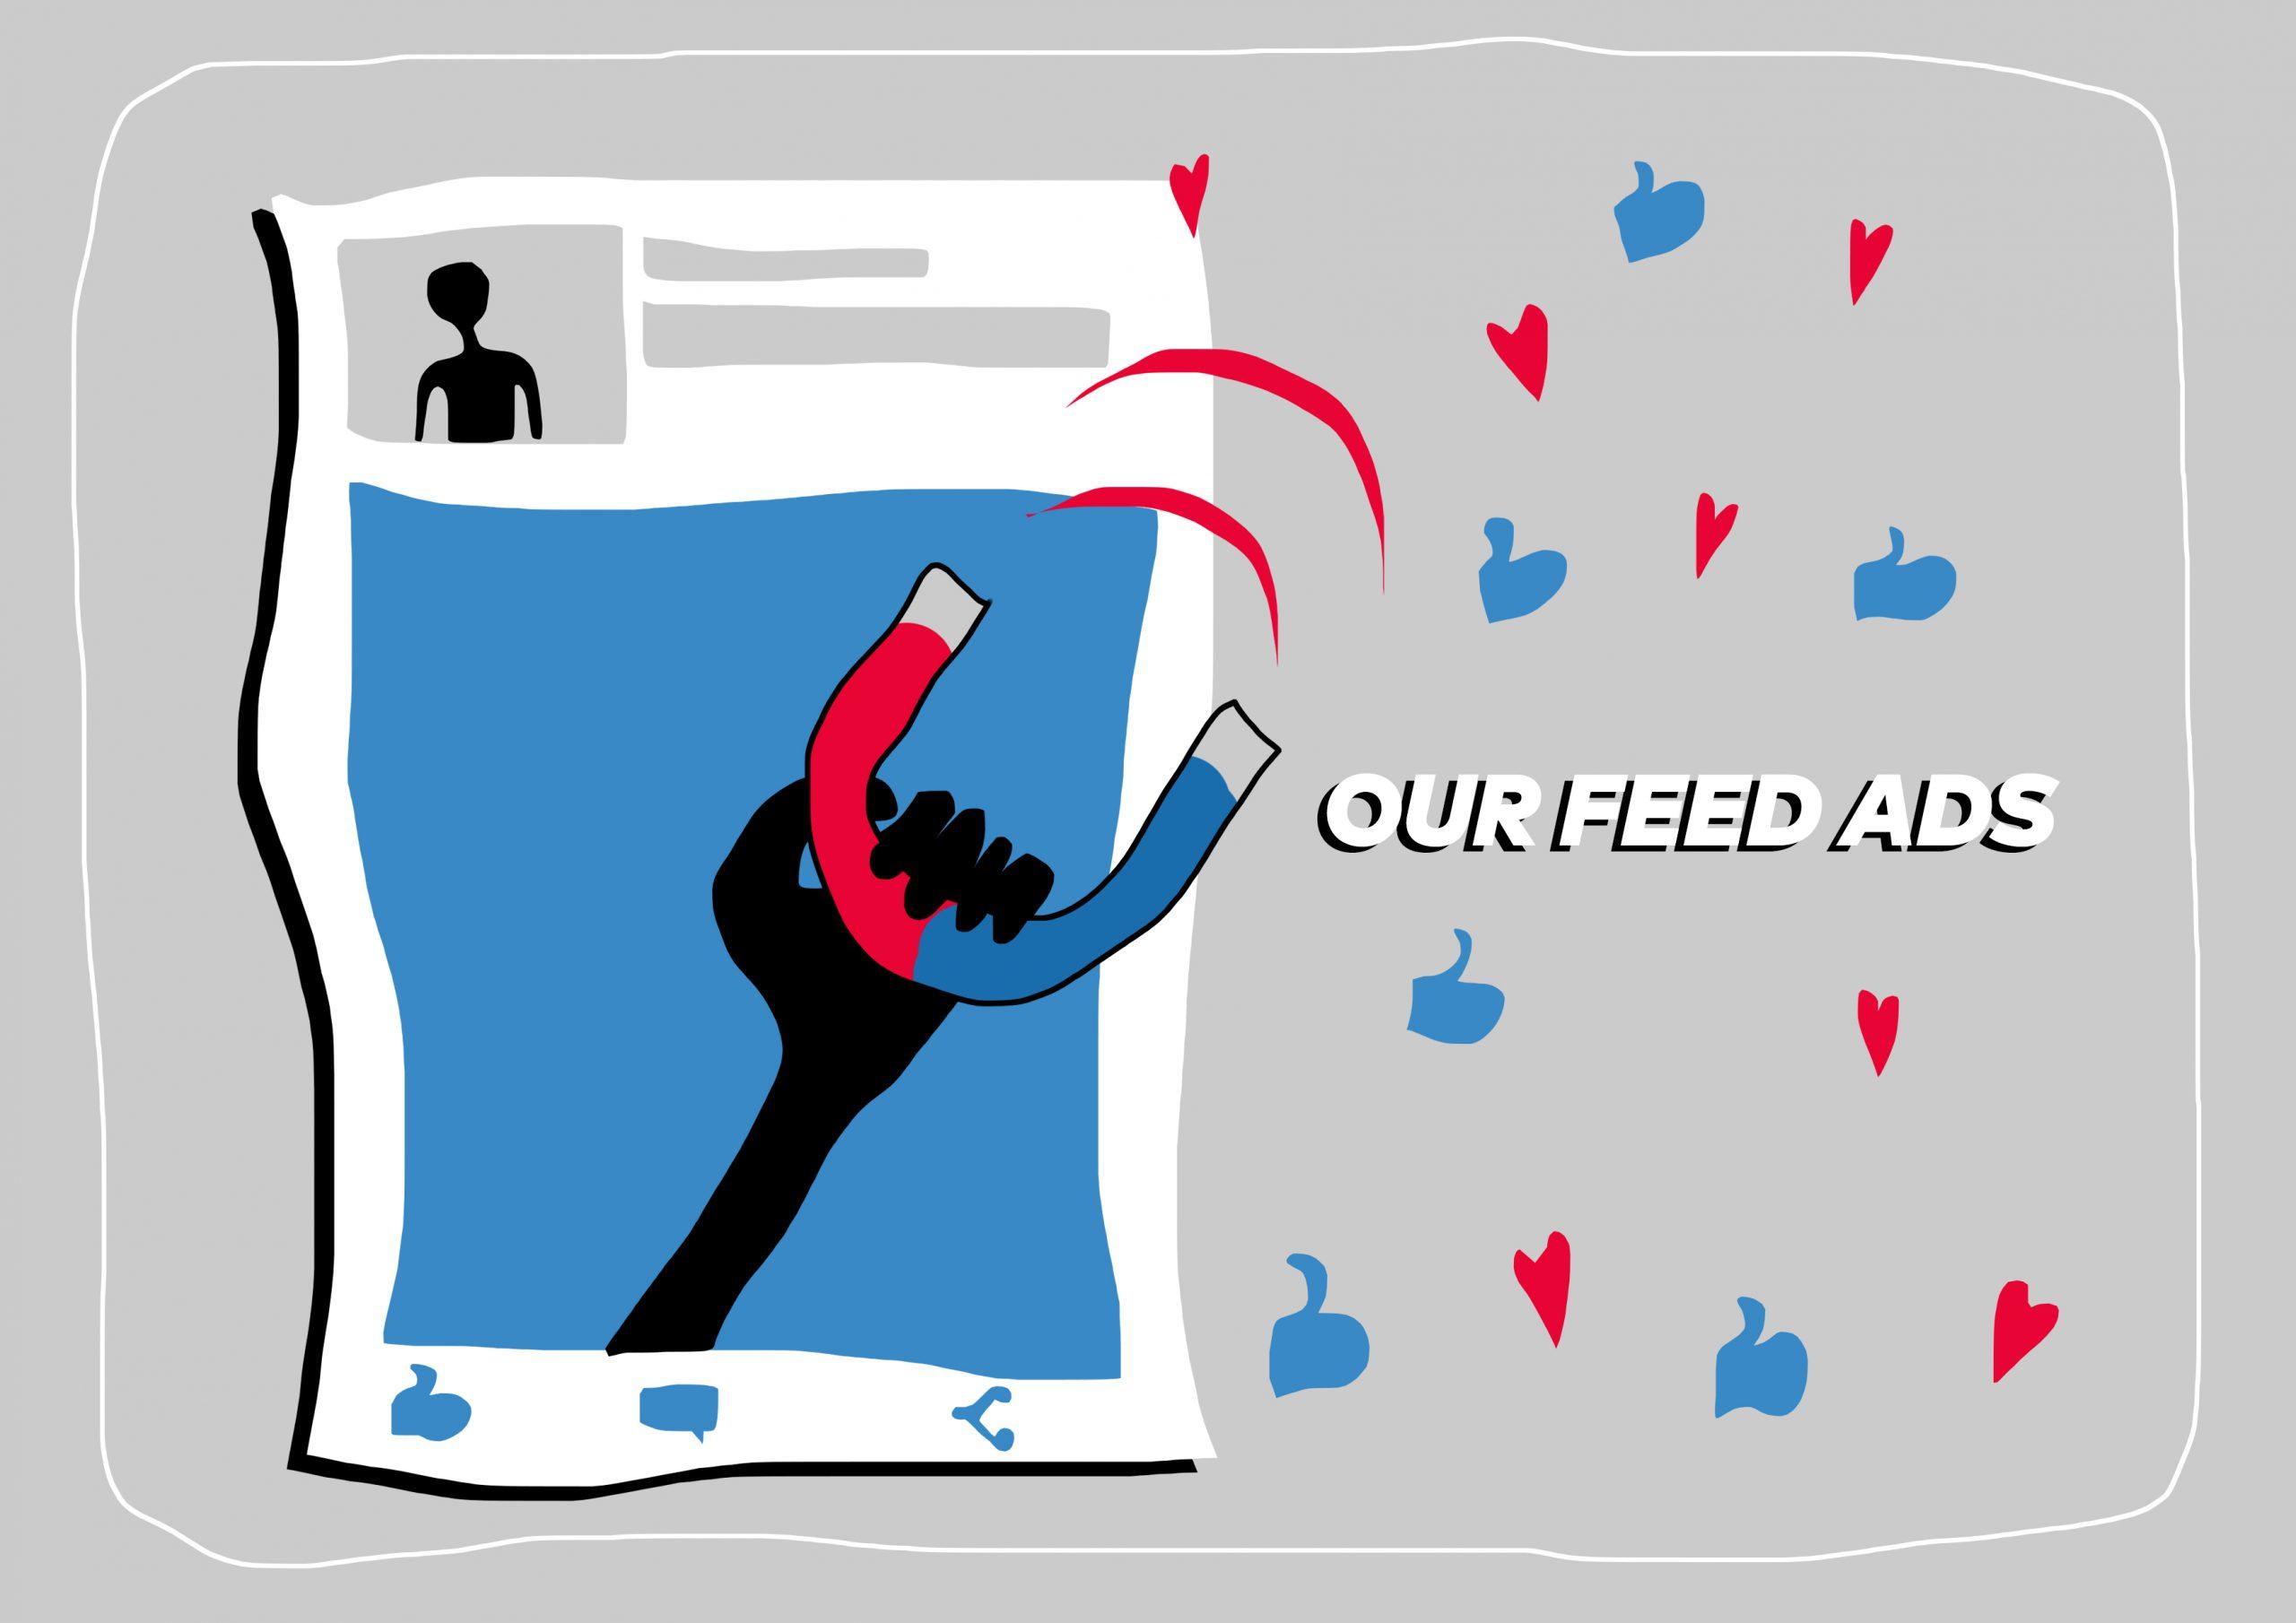 24SevenSocial Feed Ads